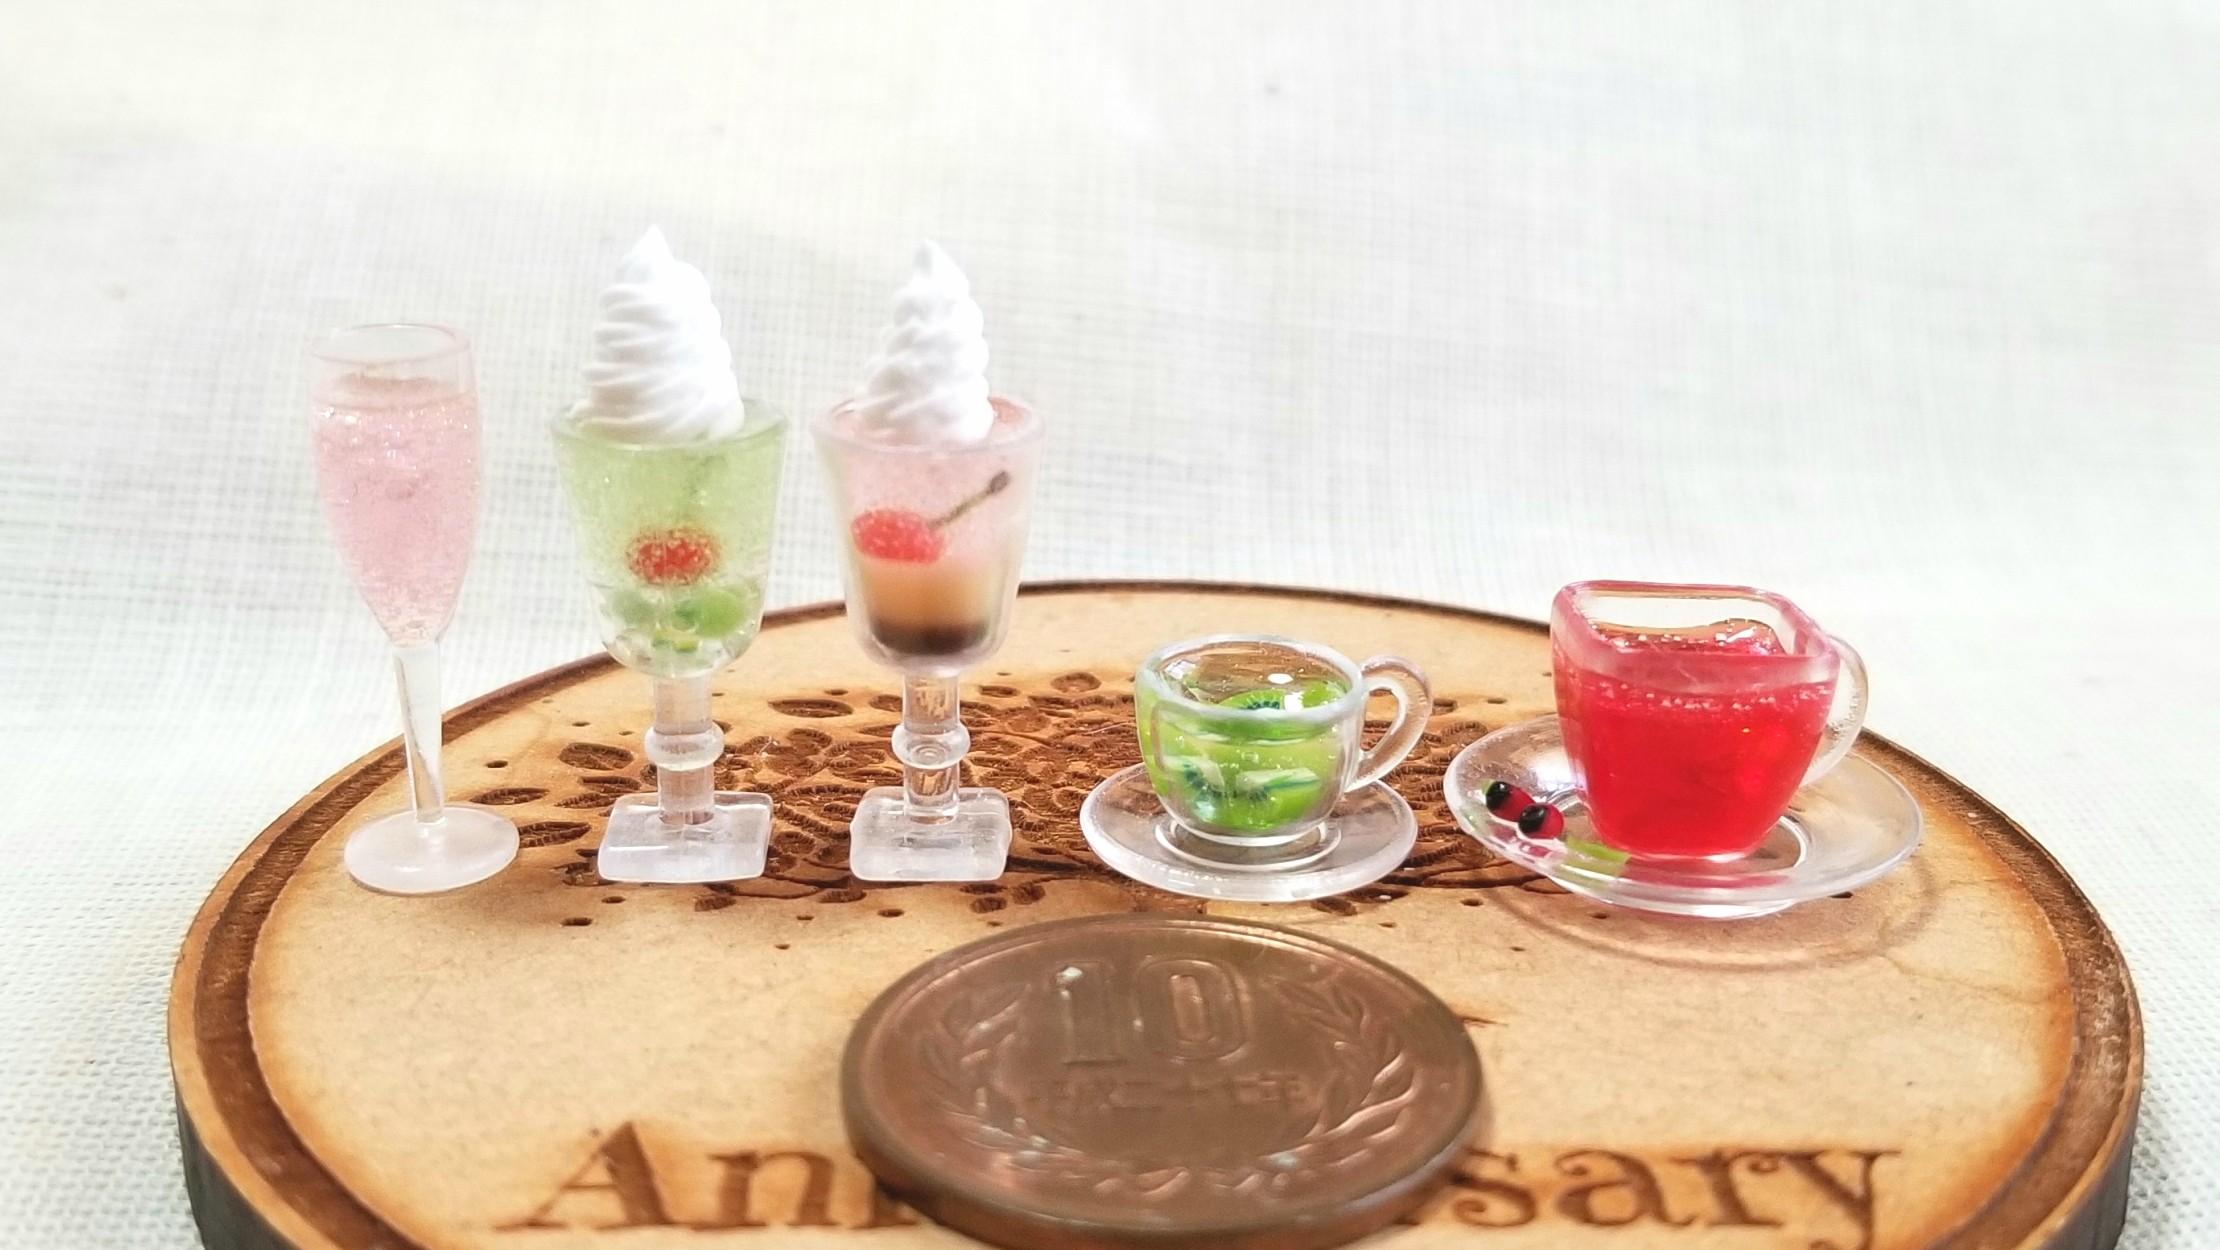 ドリンク,ジュース,ソーダ,紅茶,ミニチュアフード,うまい,ミンネ